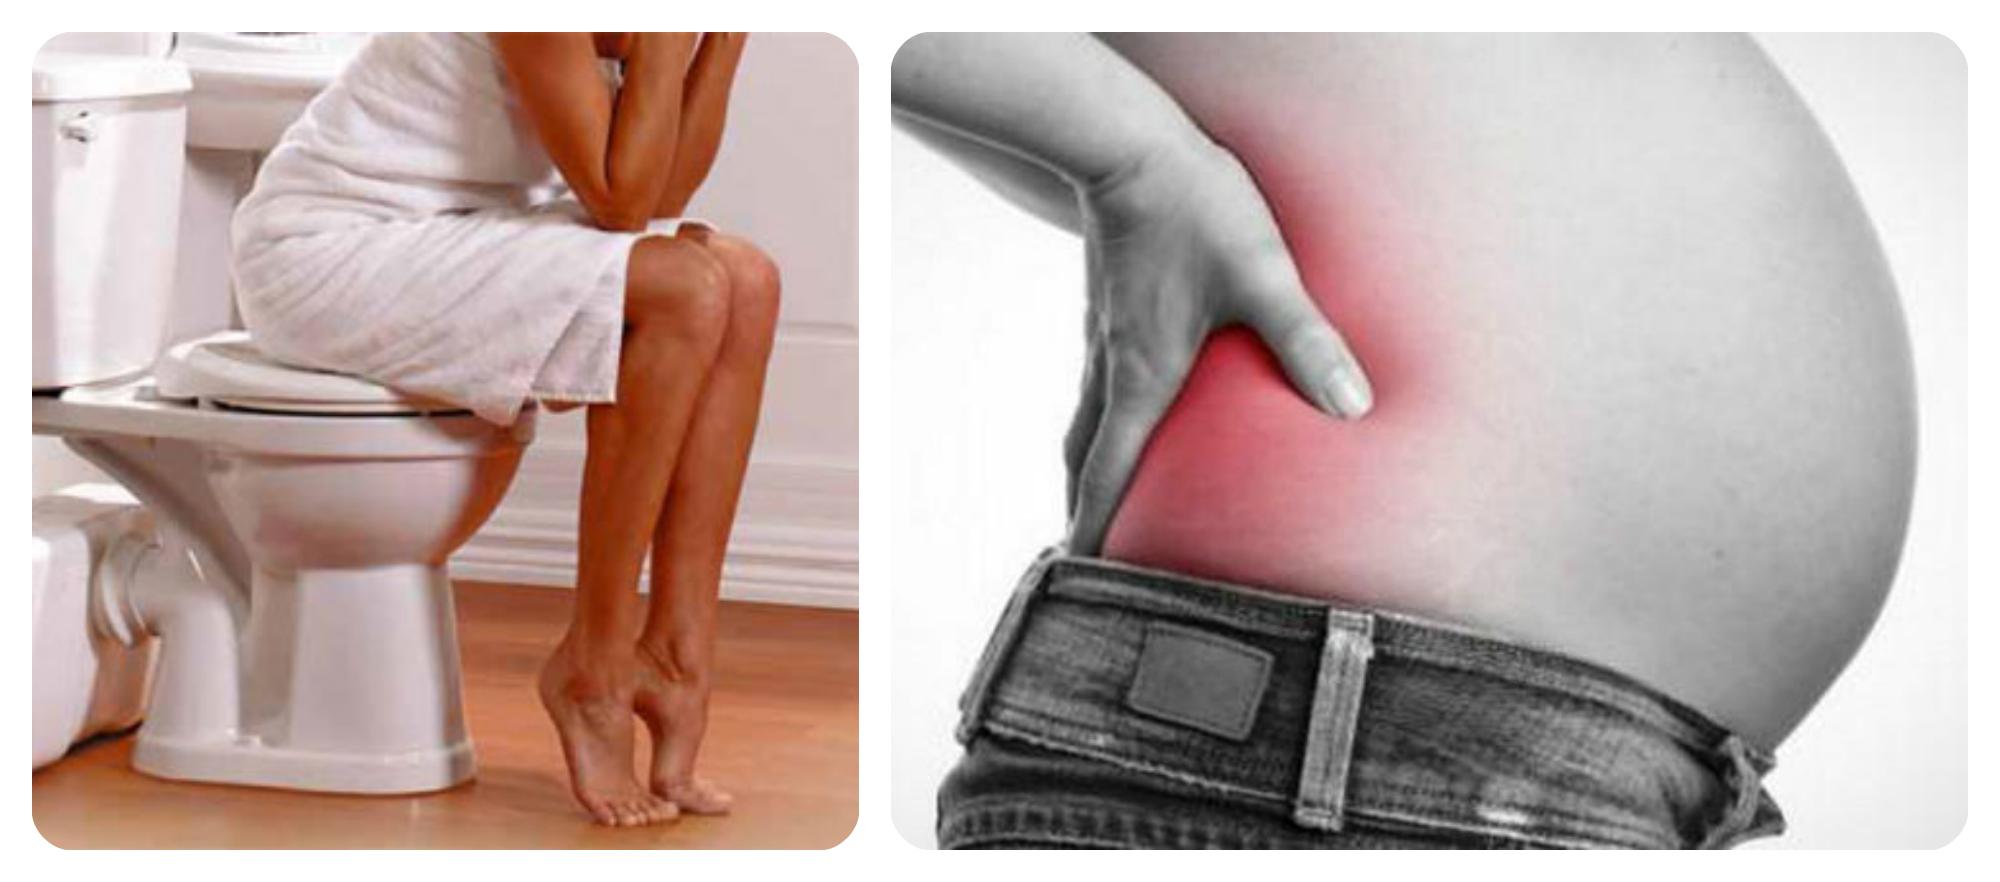 частое мочеиспускание и боль в области спины